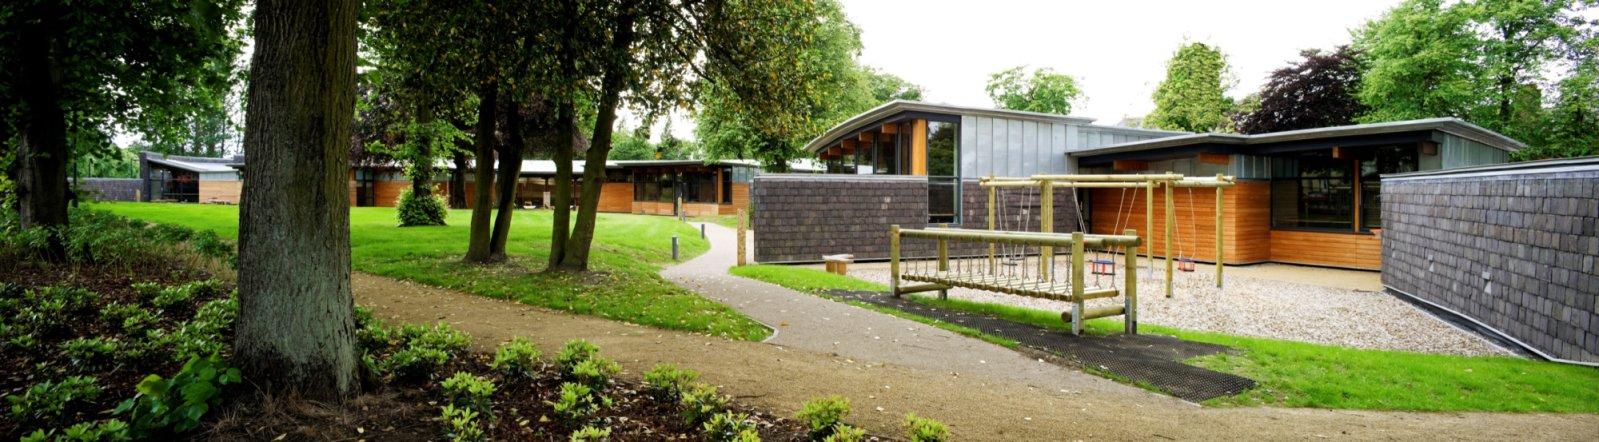 Hazelwood School Glasgow